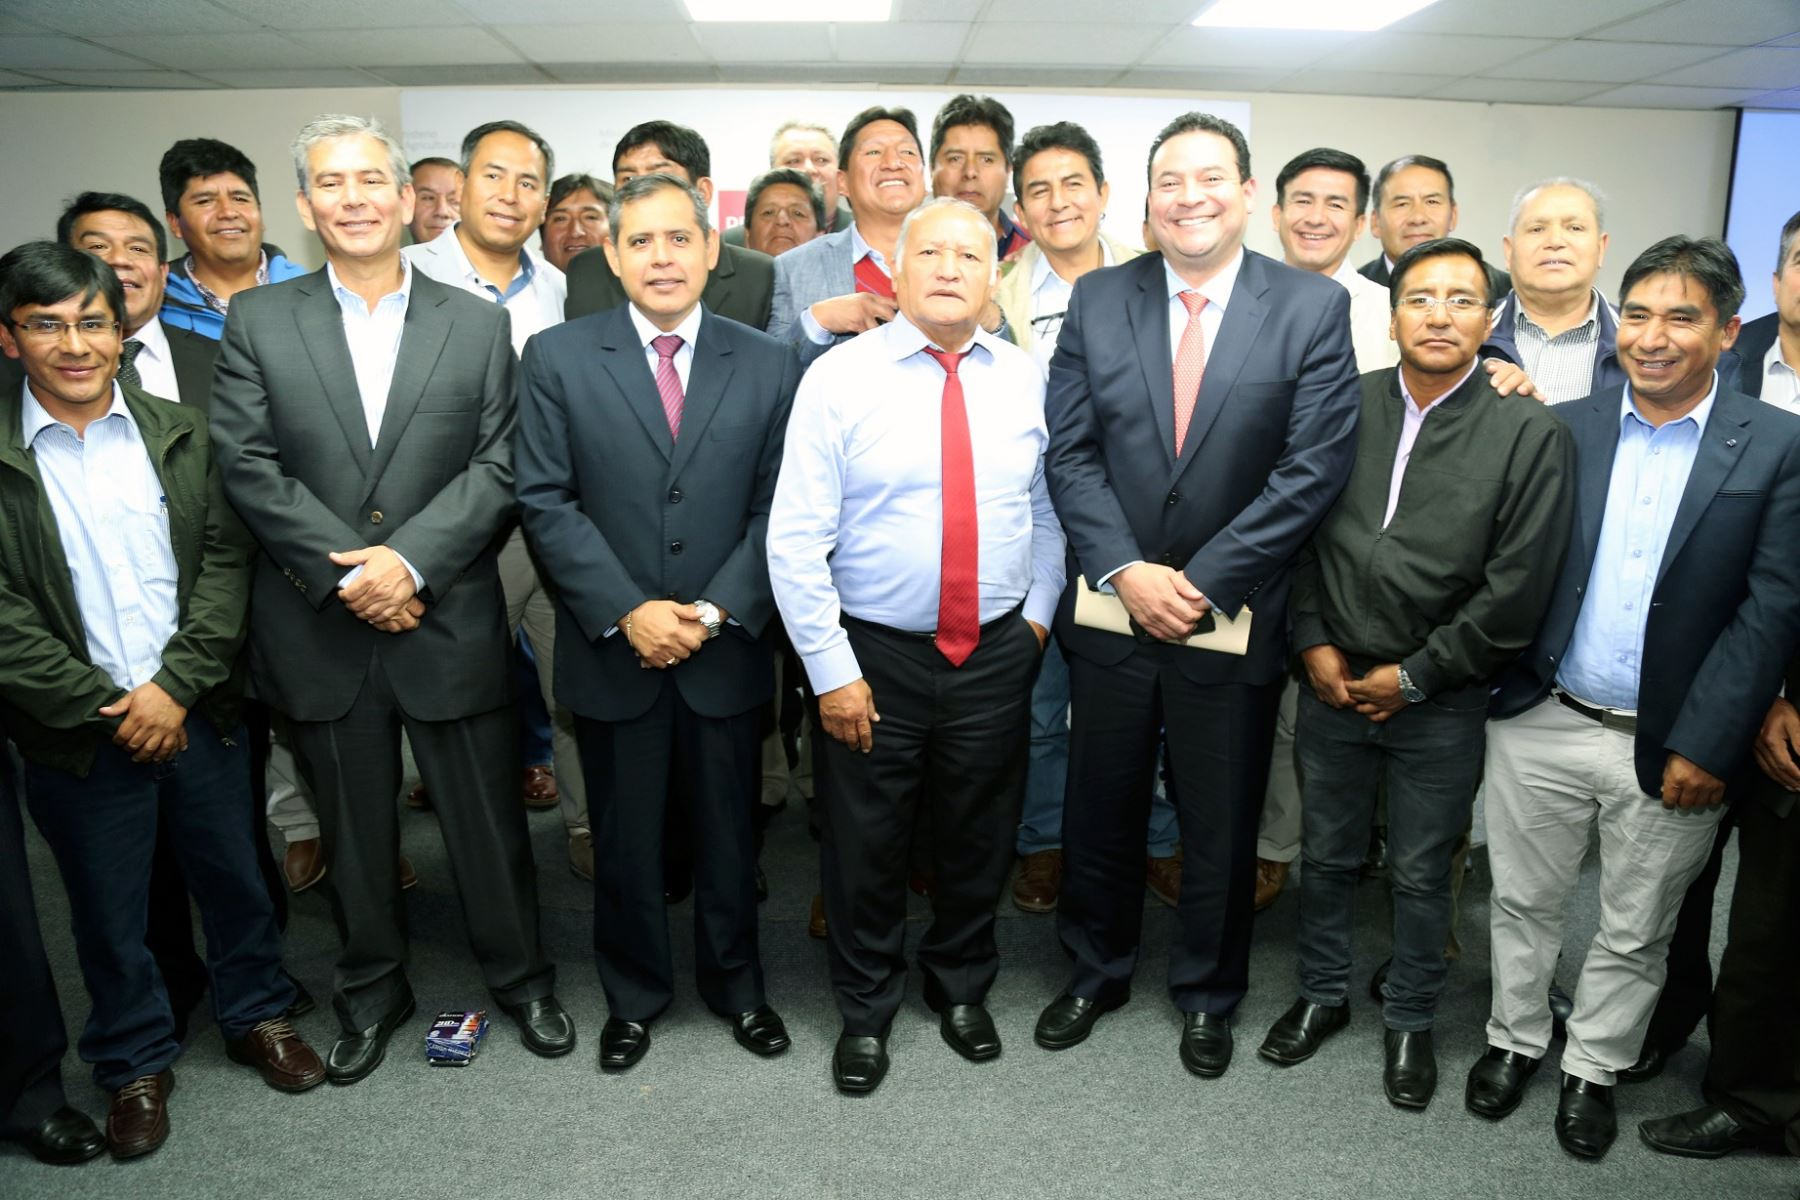 Se firmaron los convenios con las autoridades del Gobierno Regional de Piura y Moquegua, además de 21 municipios.